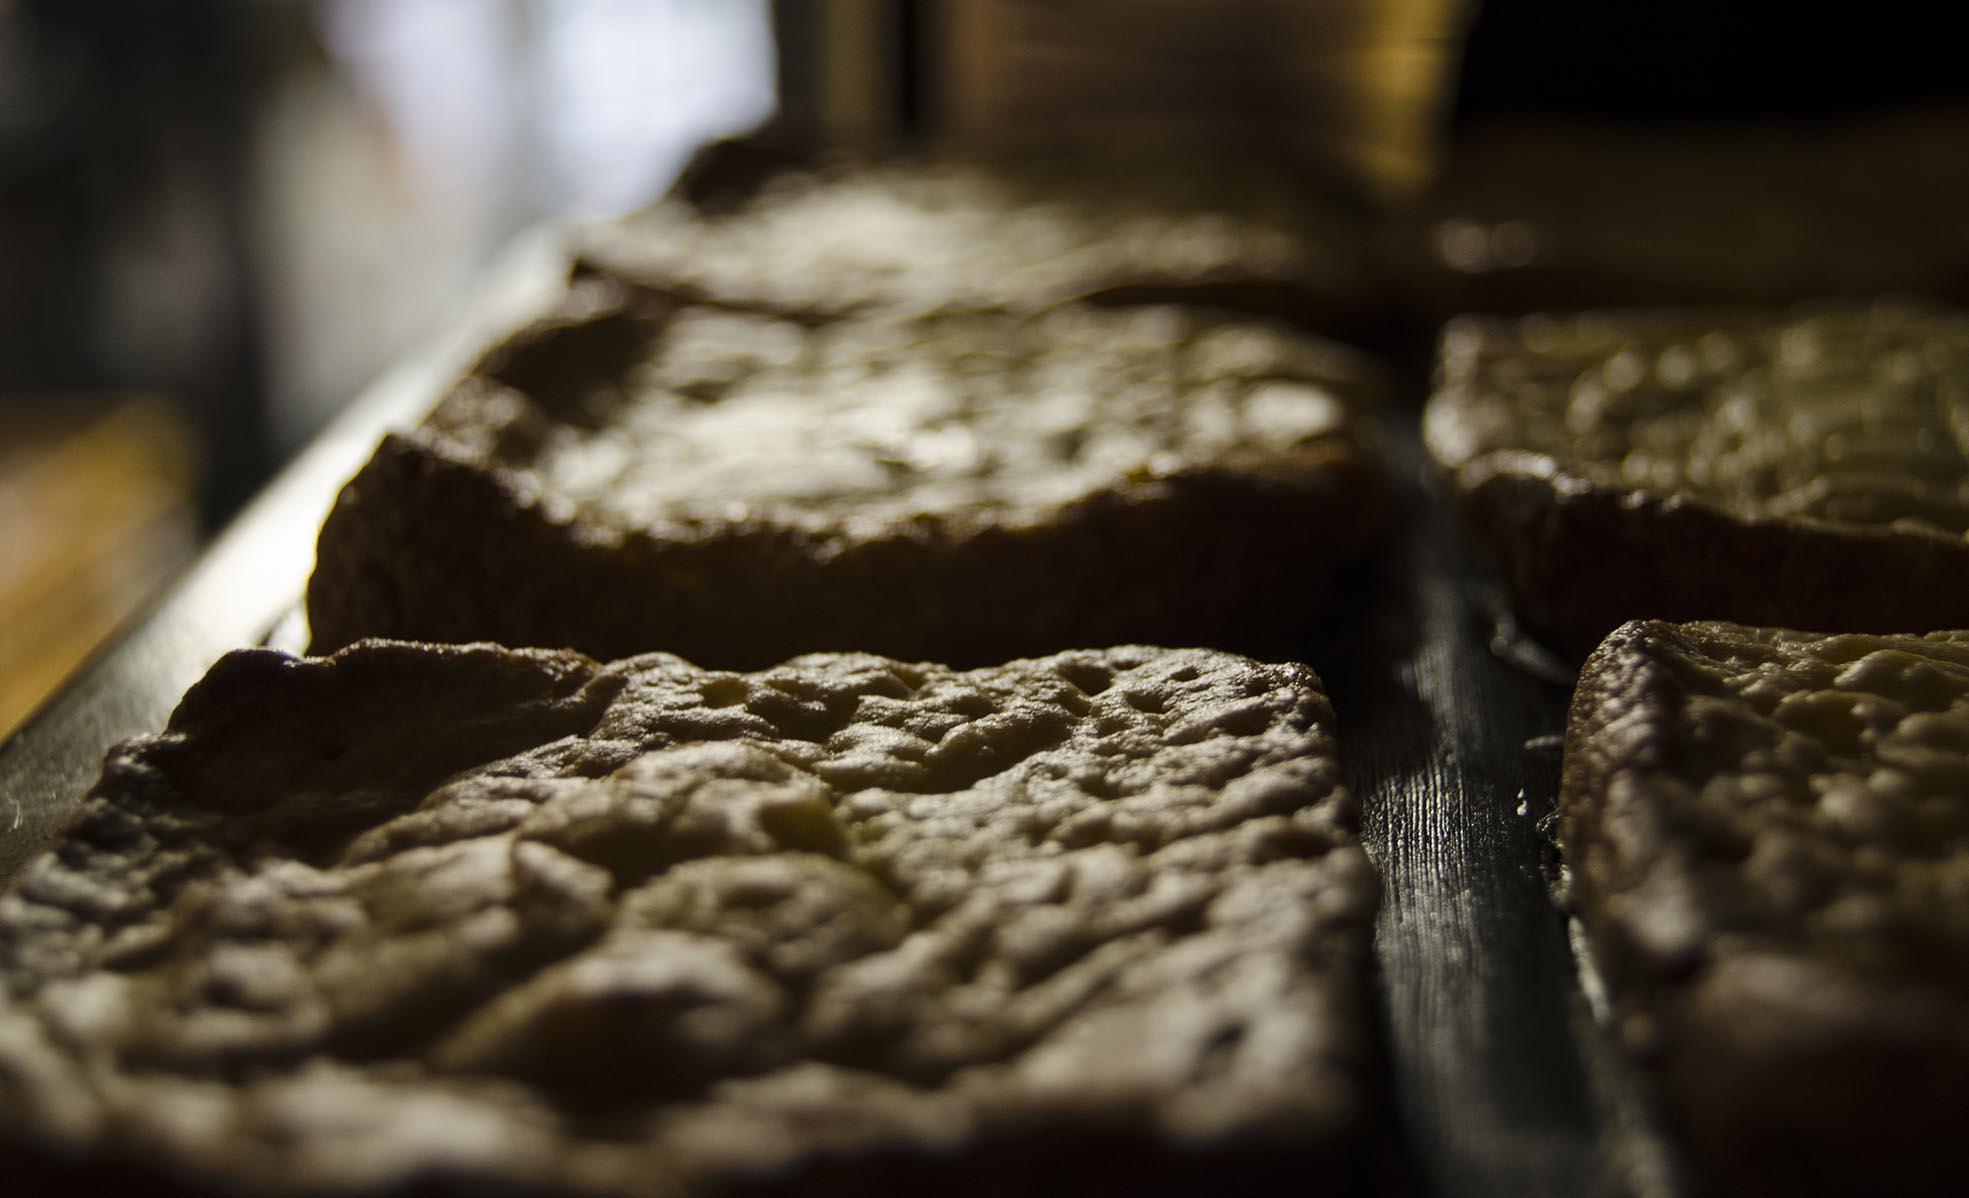 brownies lr.jpg